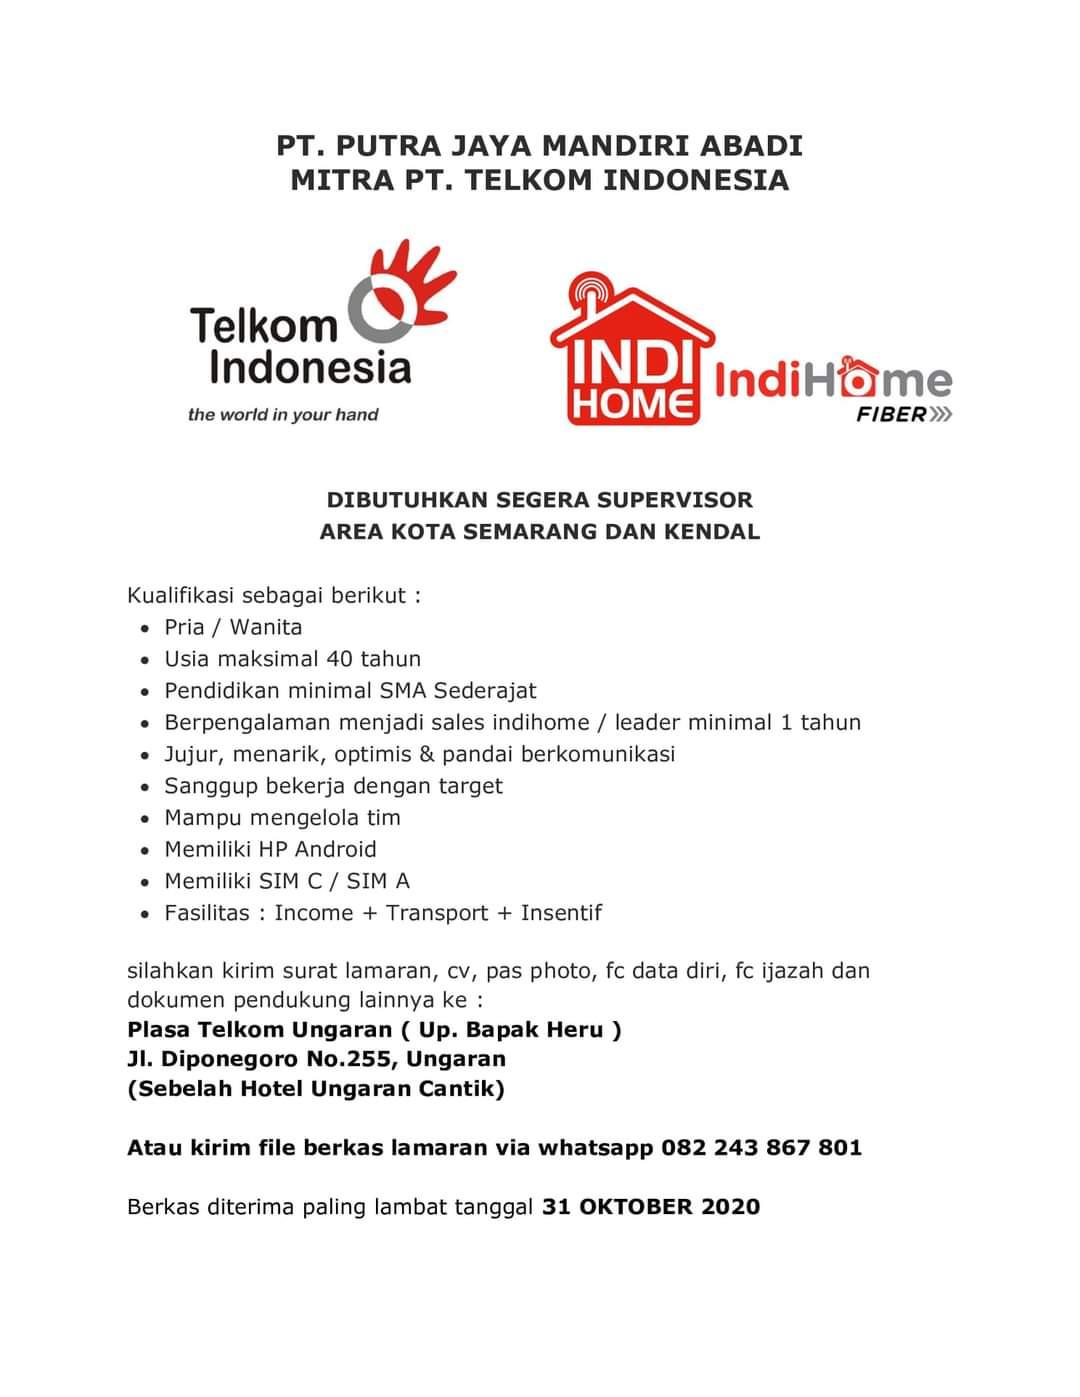 Lowongan Kerja Dibutuhkan Supervisor Indihome PT Telkom Indonesia Untuk Area Kota Semarang dan Kendal